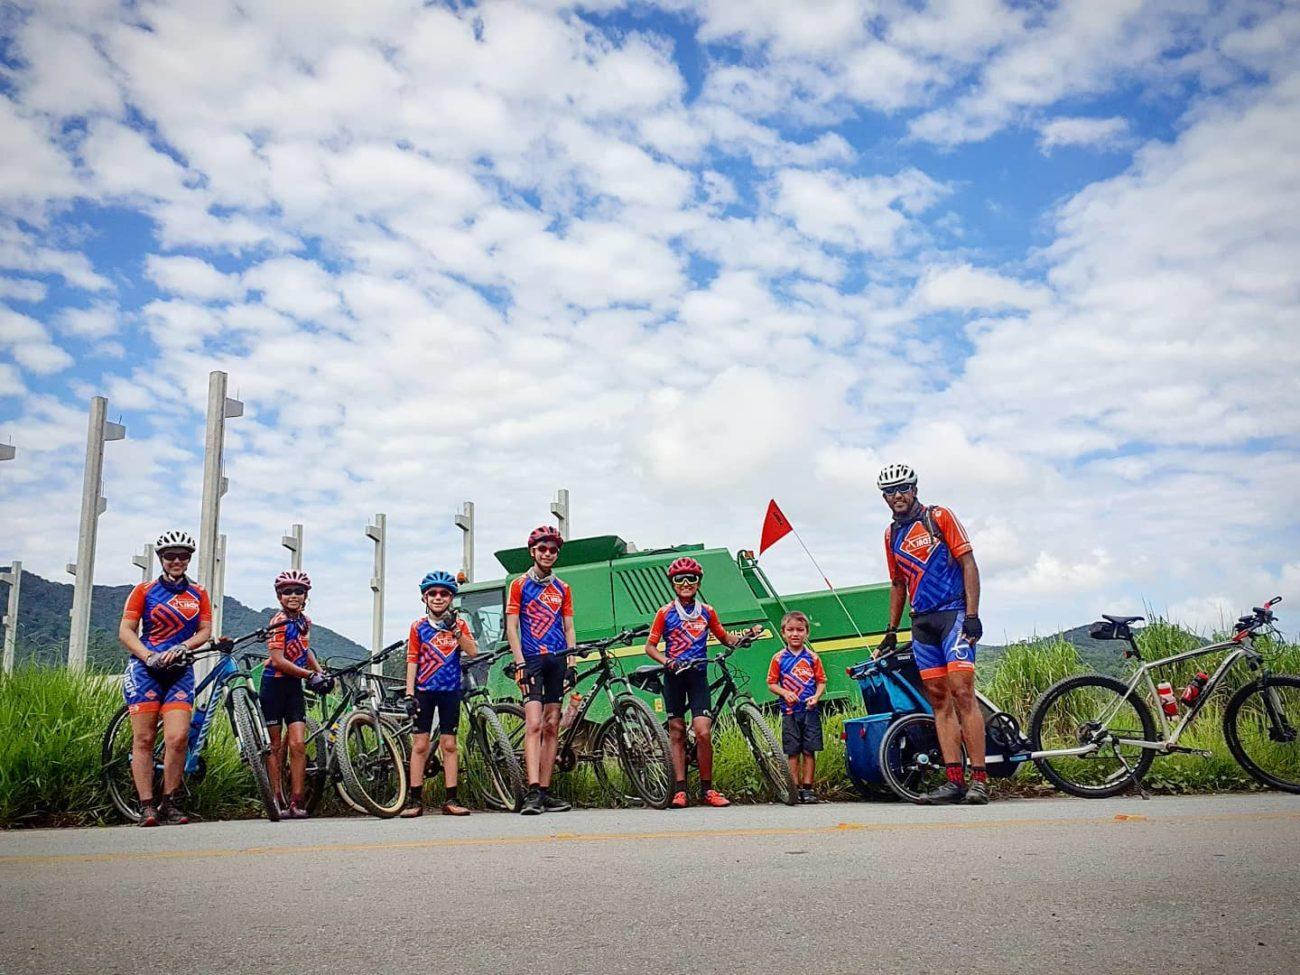 Família Pedal 7 roda o estado de Santa Catarina de bicicleta - Reprodução Facebook/ND